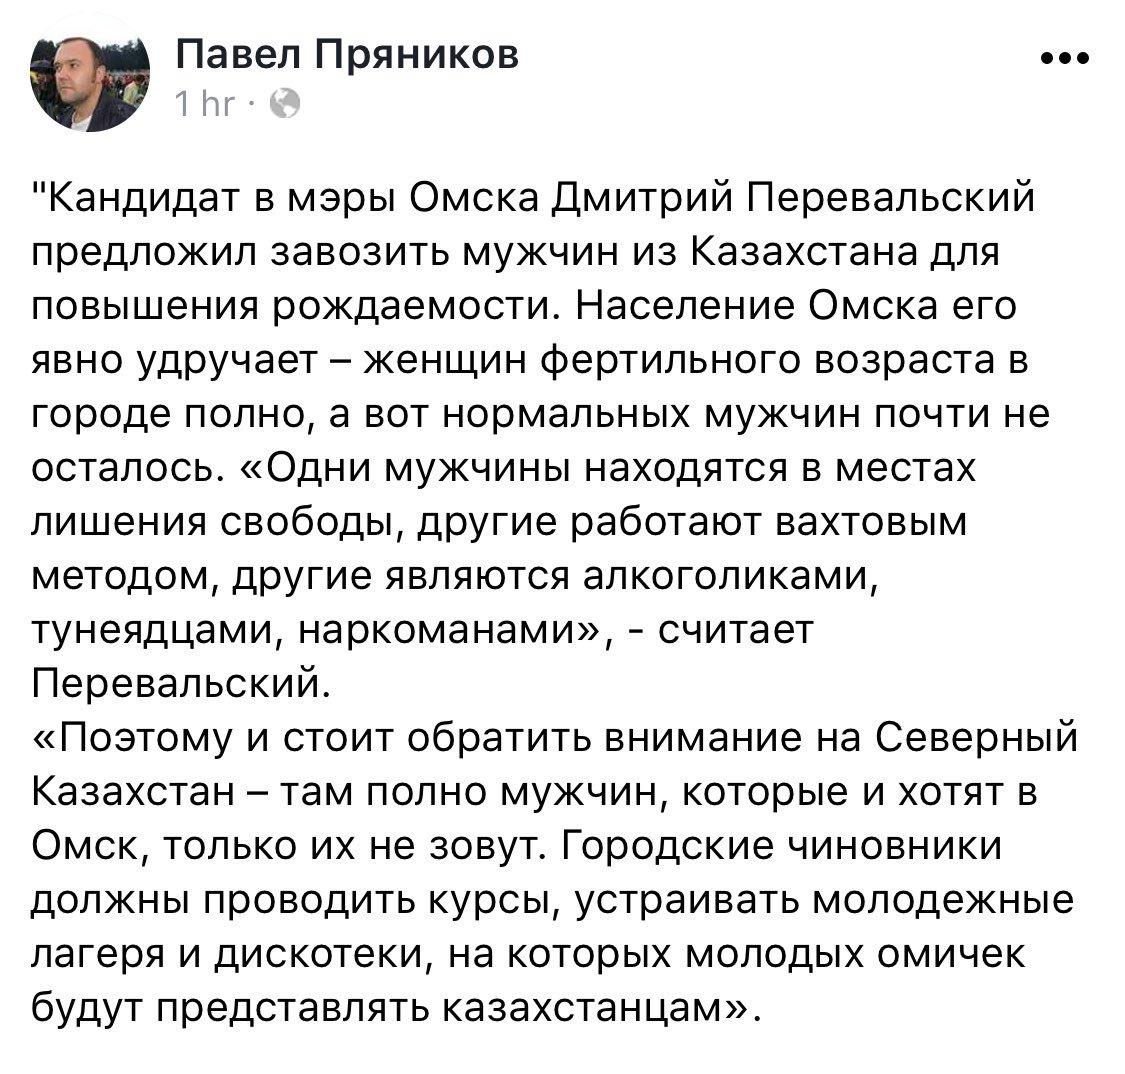 Закон о реинтеграции Донбасса могут рассмотреть в четверг, если комитет завершит работу над правками, - Парубий - Цензор.НЕТ 1240